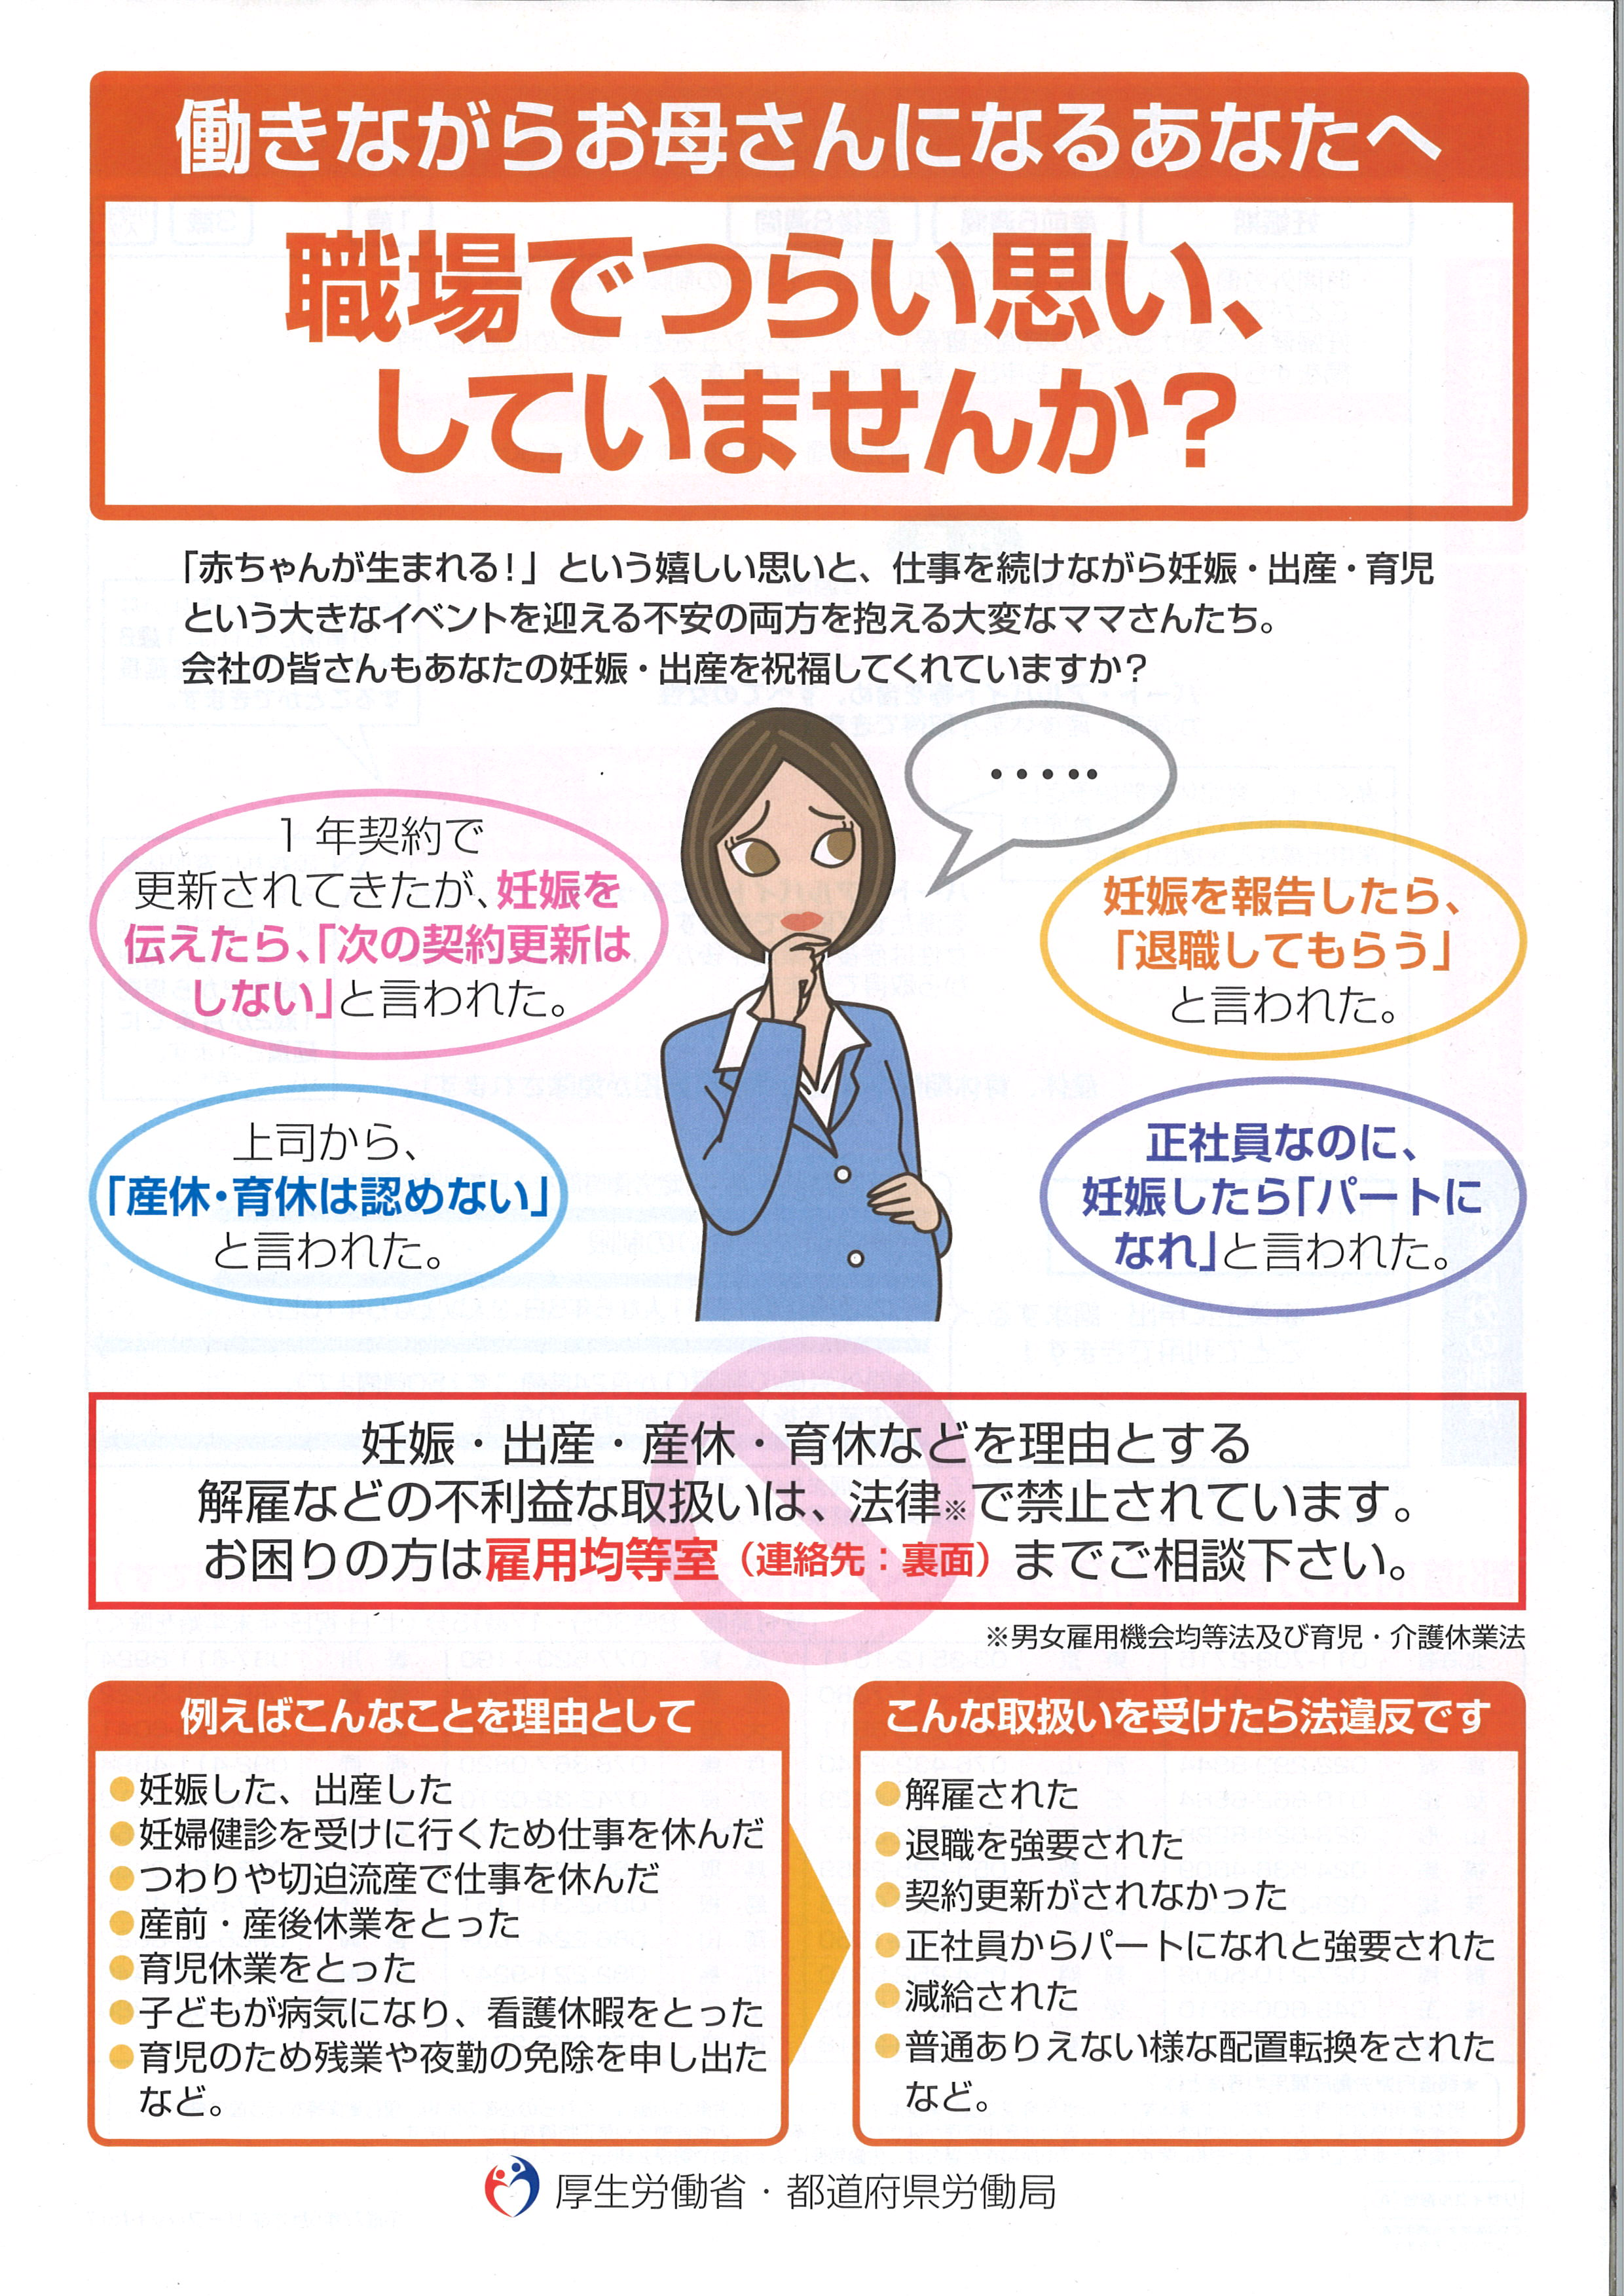 均等 法 雇用 機会 男女